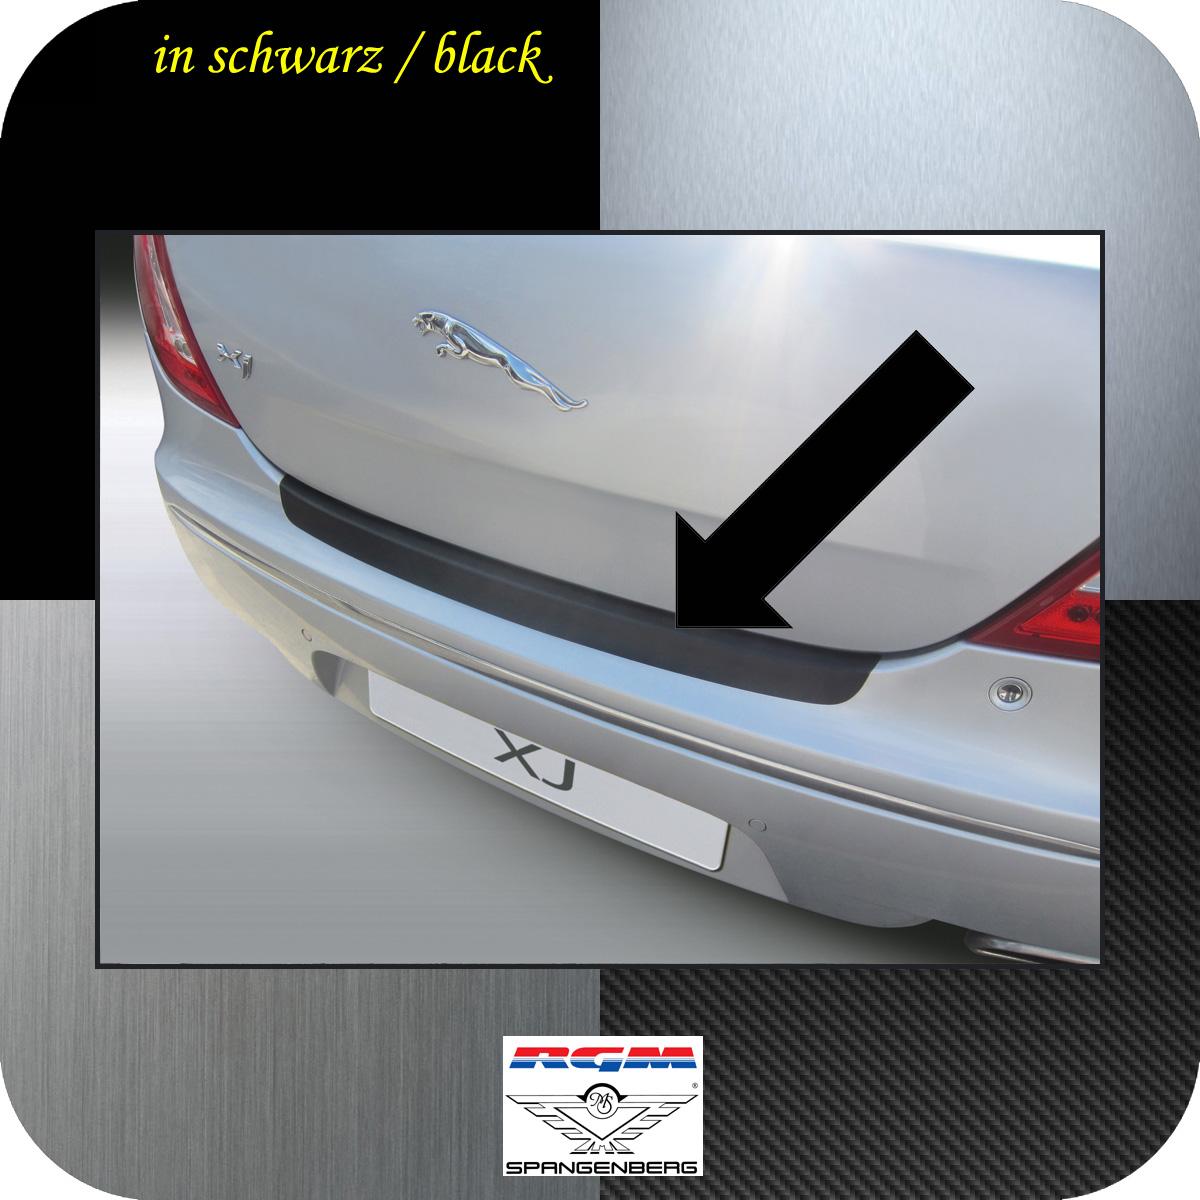 Ladekantenschutz schwarz Jaguar XJ Limousine 4-Türer ab Baujahr 2009- 3500954